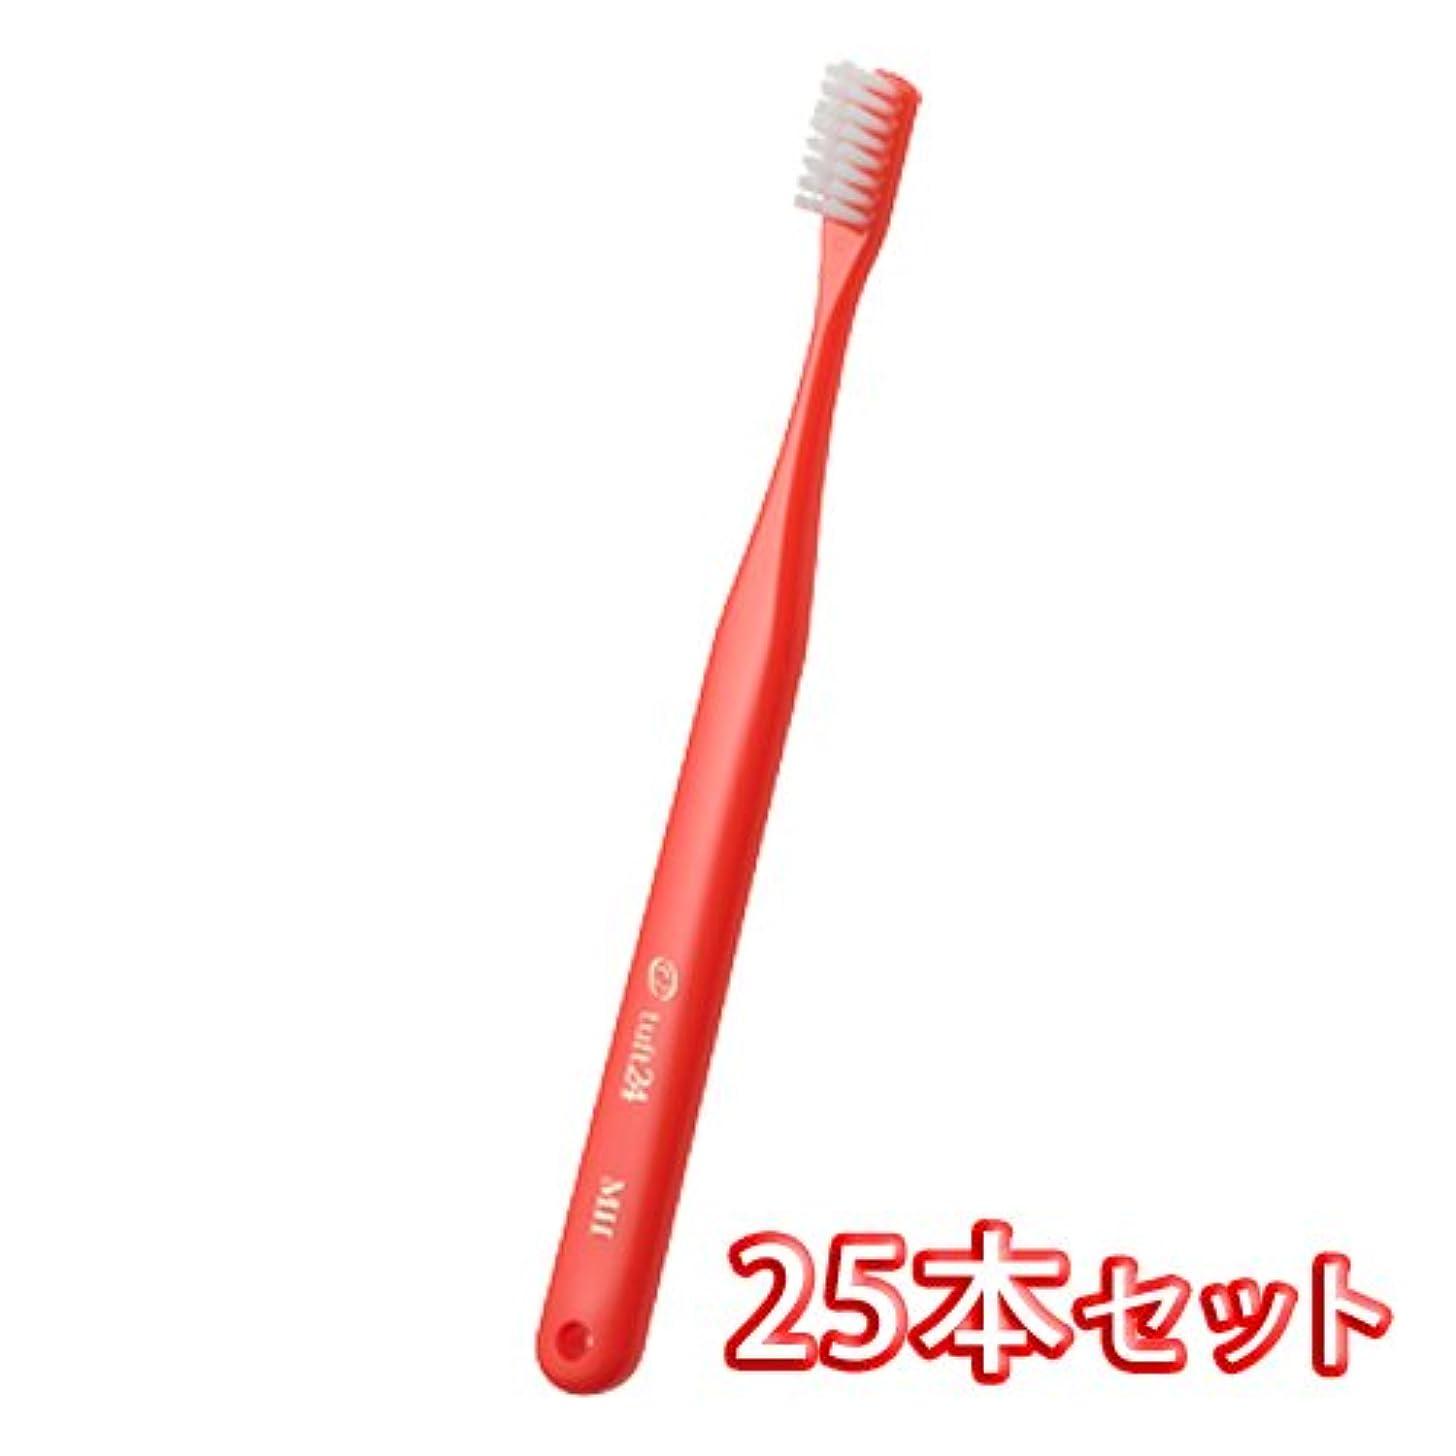 予算医学発症オーラルケア キャップ付き タフト 24 歯ブラシ 25本入 ミディアムハード MH (レッド)